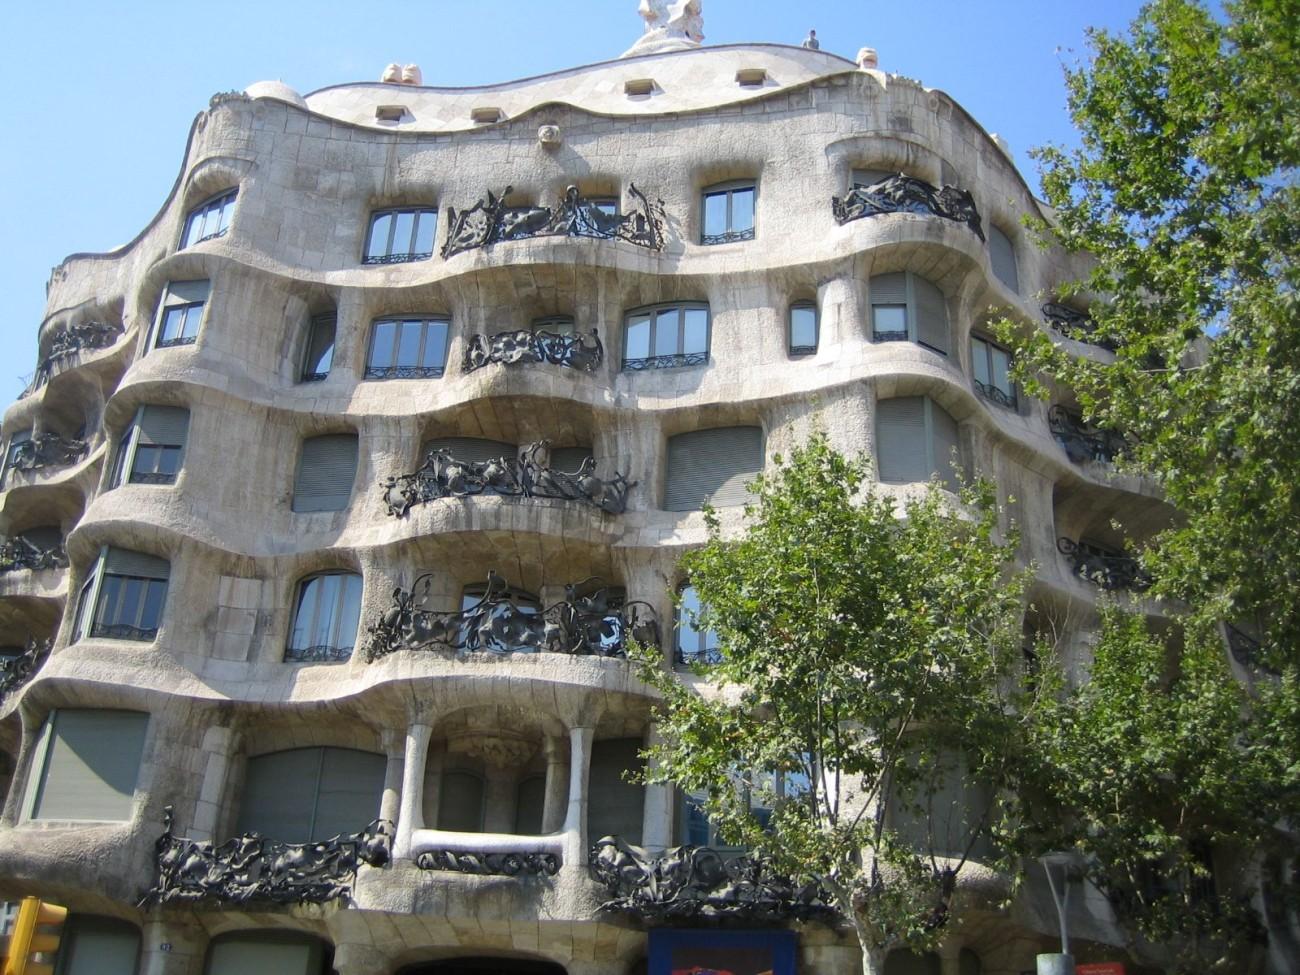 """Bekannt aus der Antonioni-DVD-Box: Die """"Casa Milà"""" von Antoni Gaudí"""